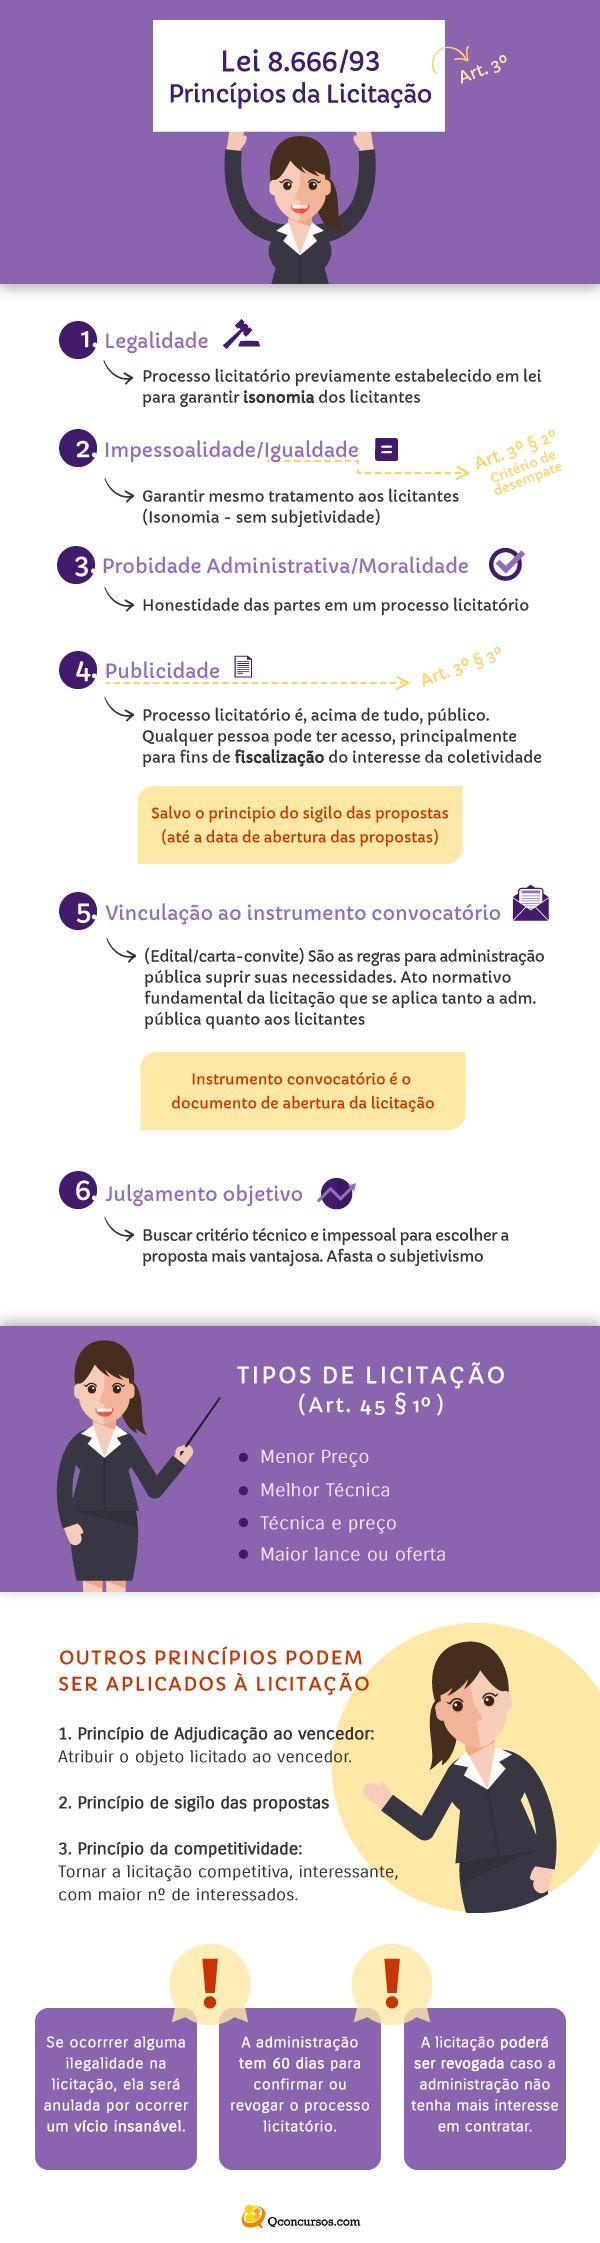 Resumo & Infográfico: Princípios da Licitação - Qconcursos.com   Notícias